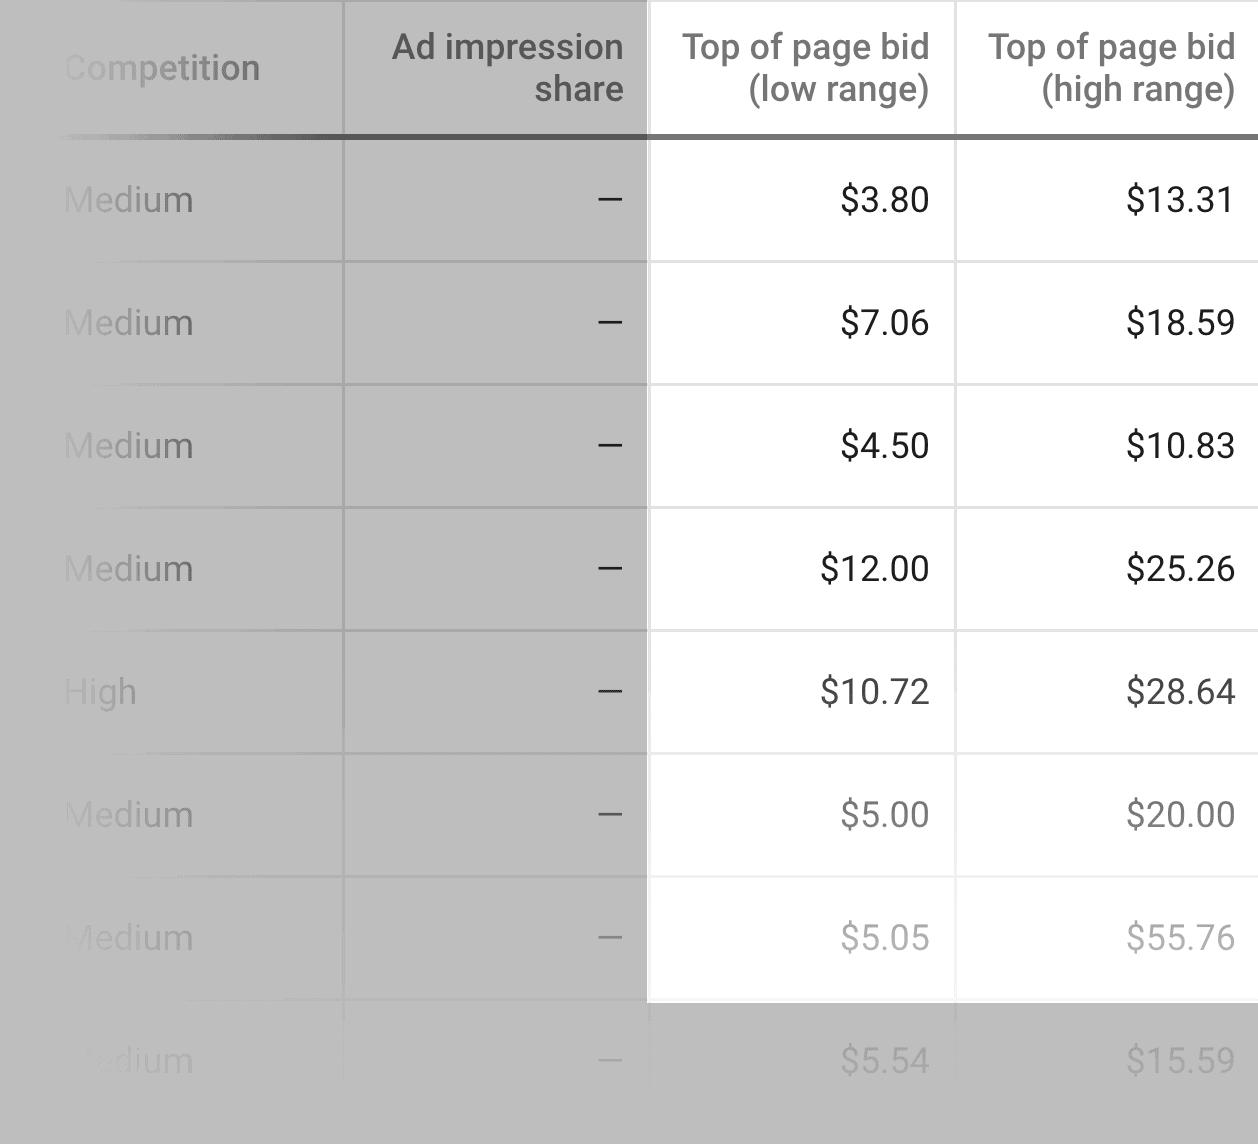 Google Keyword Planner – Top of page bid